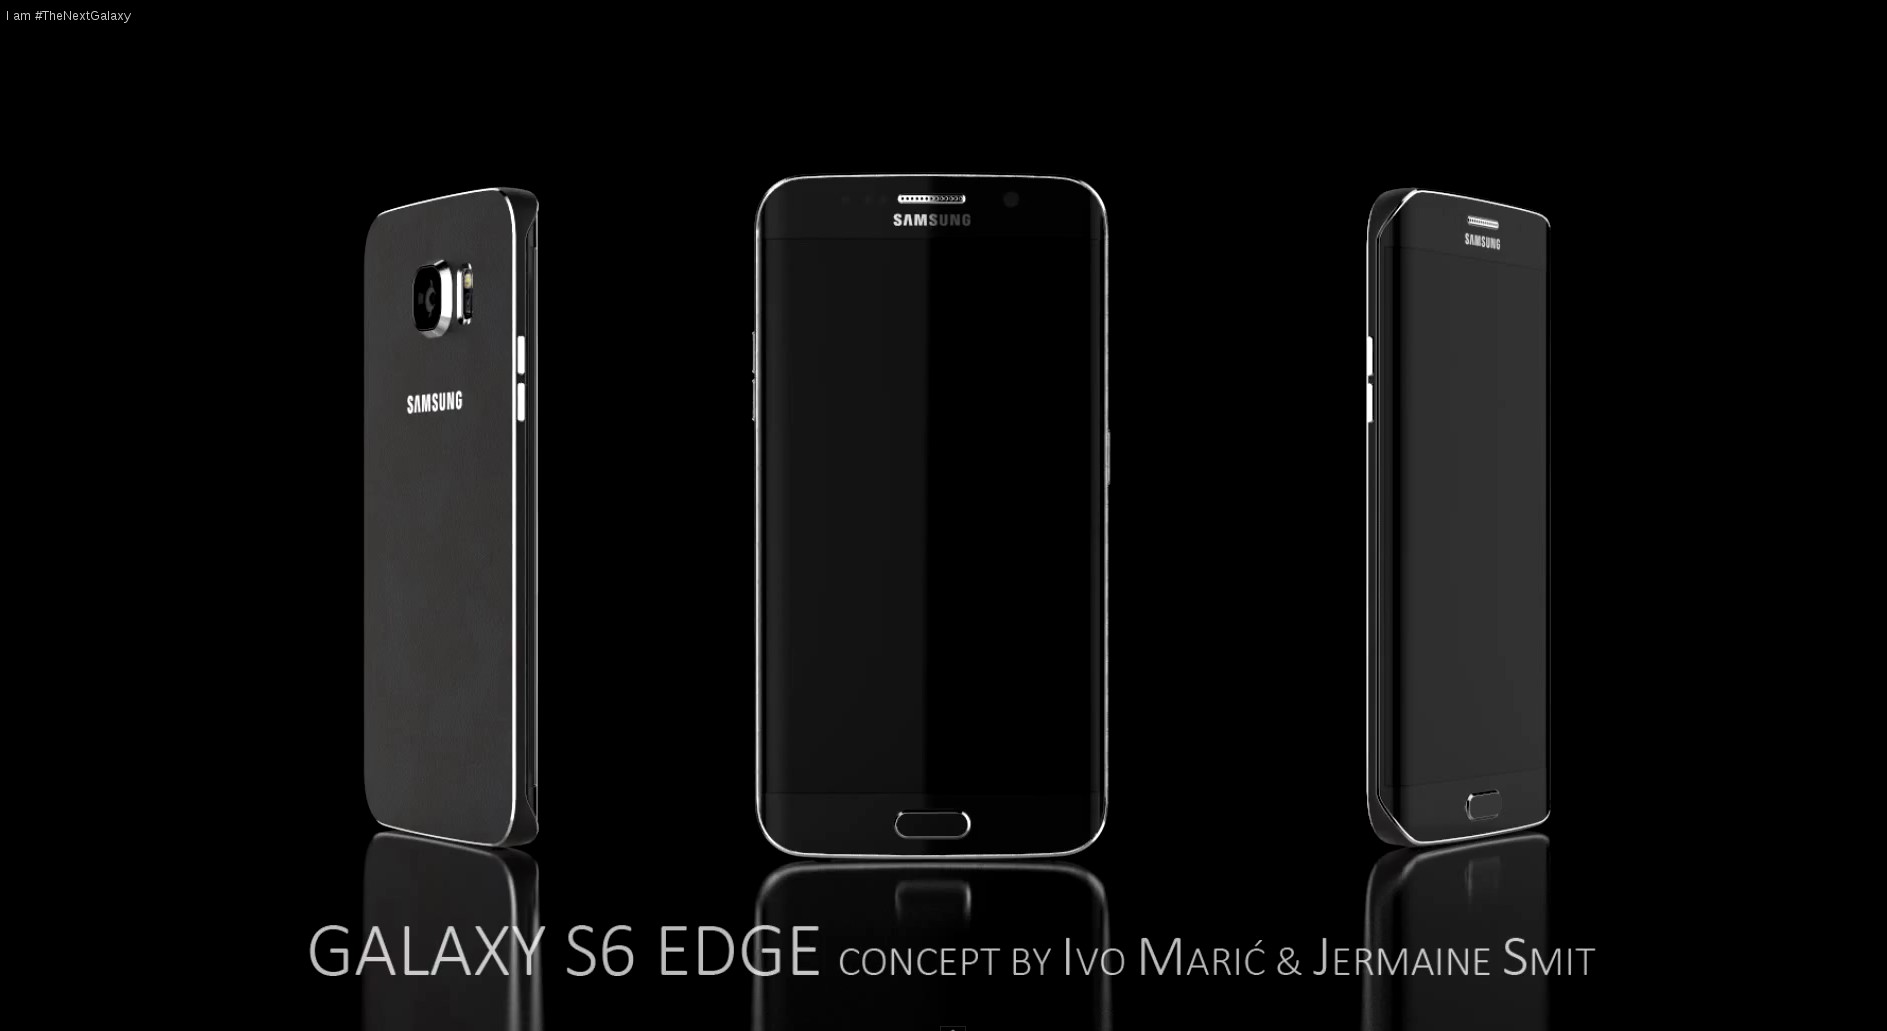 Samsung Galaxy S6 / S6 Edge: Letzter Stand aller wichtigen Details vor der MWC (Update 25.2.2015)